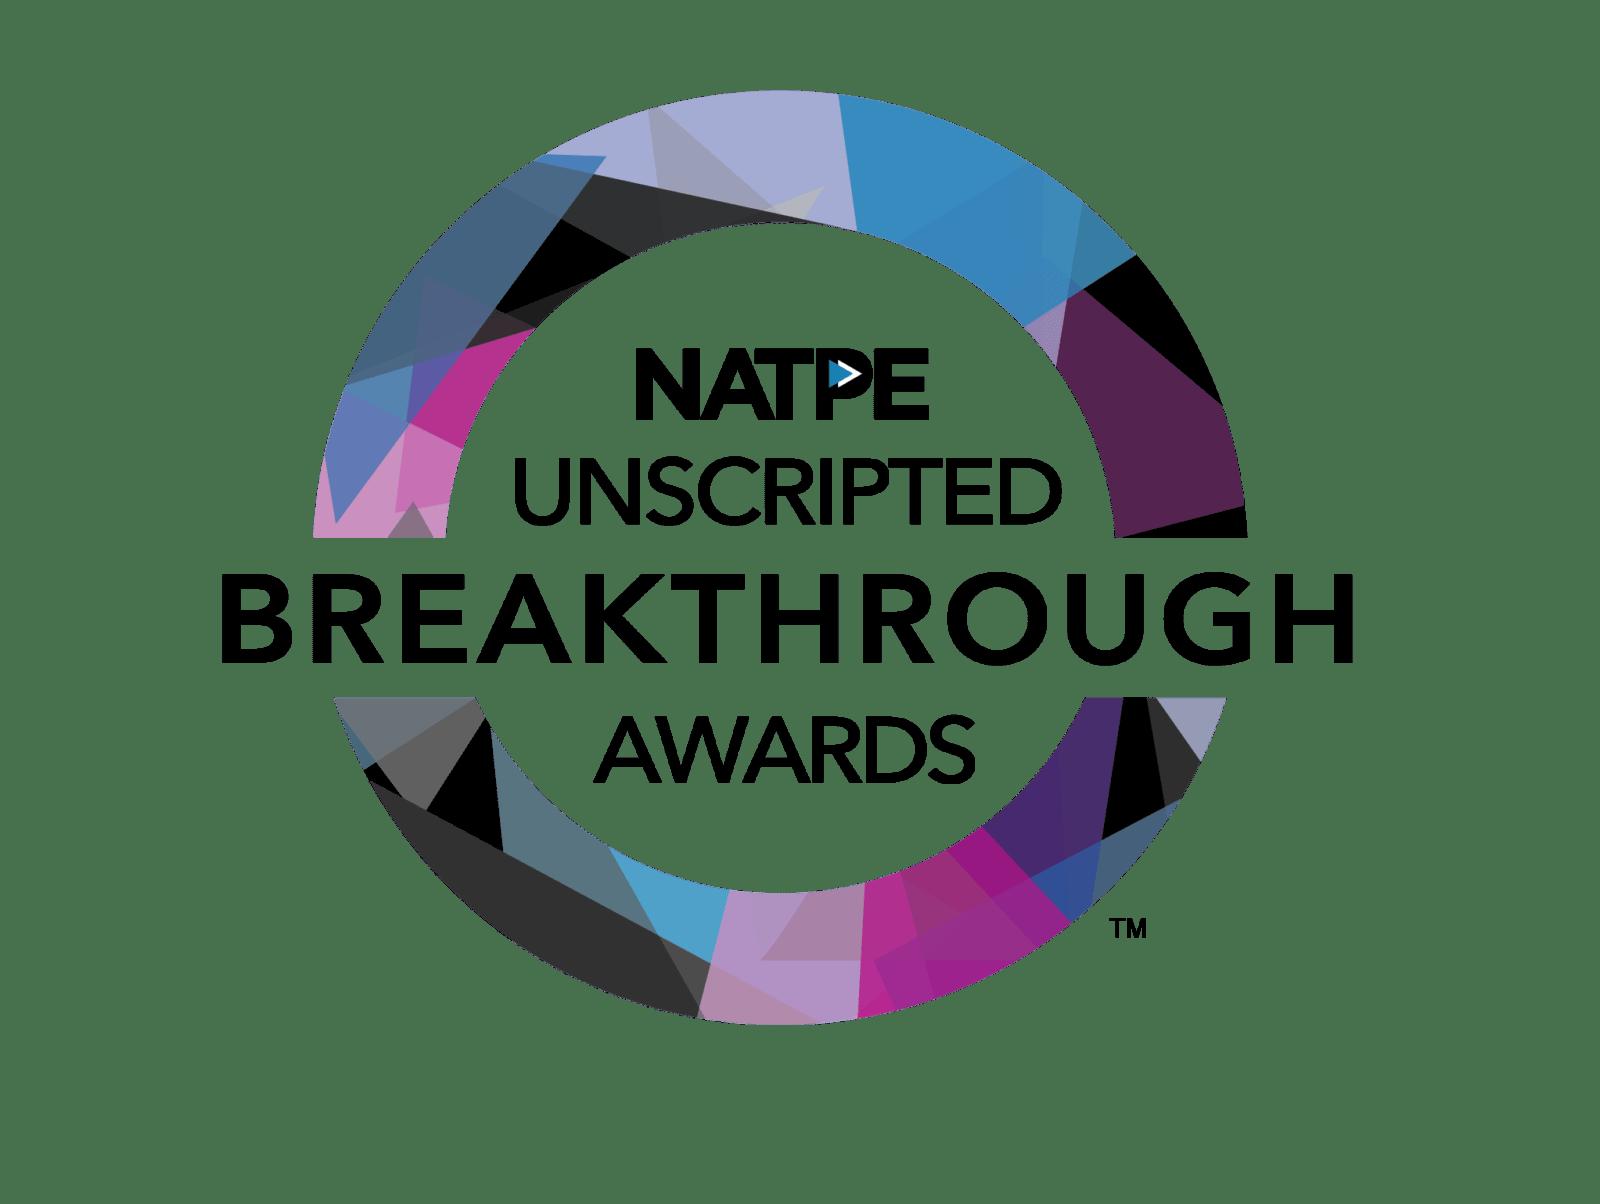 NATPE Unscripted Breakthrough Awards